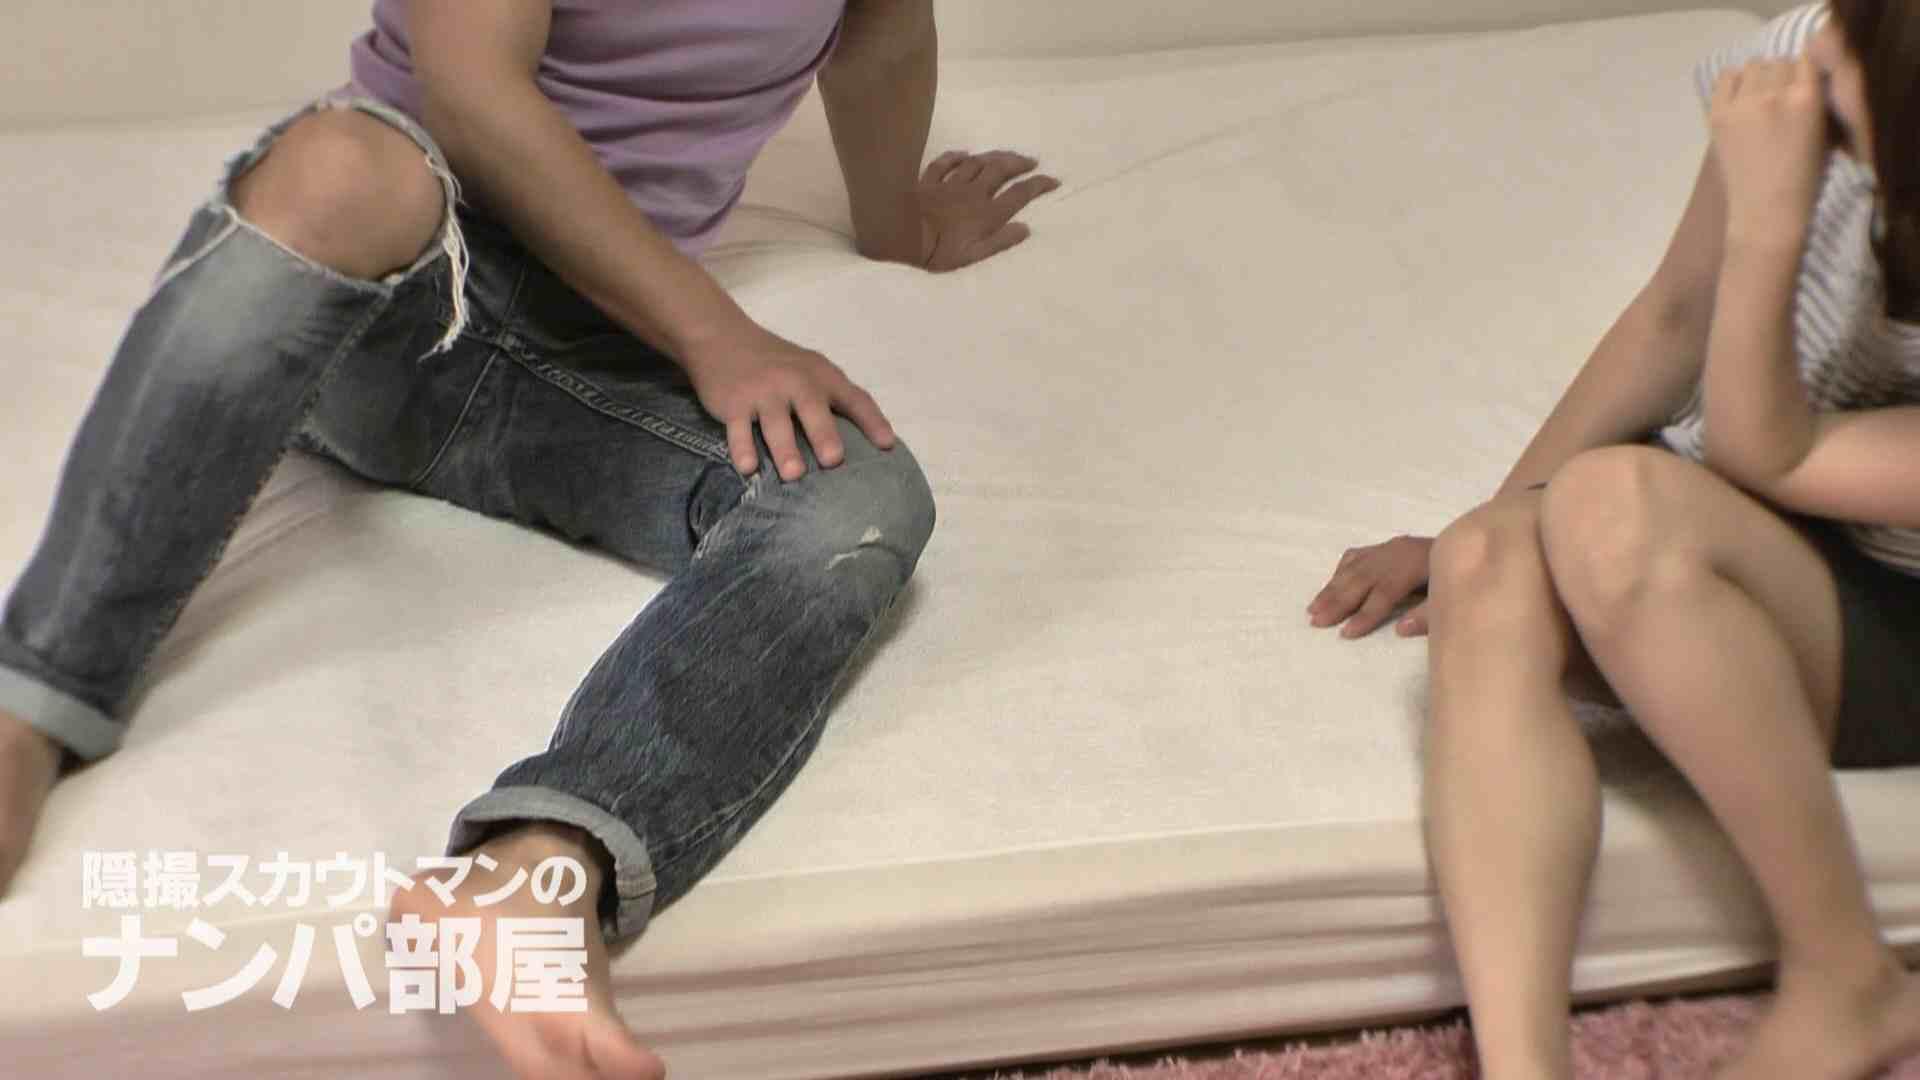 隠撮スカウトマンのナンパ部屋~風俗デビュー前のつまみ食い~ siivol.3 エッチなOL | ナンパ  74pic 29